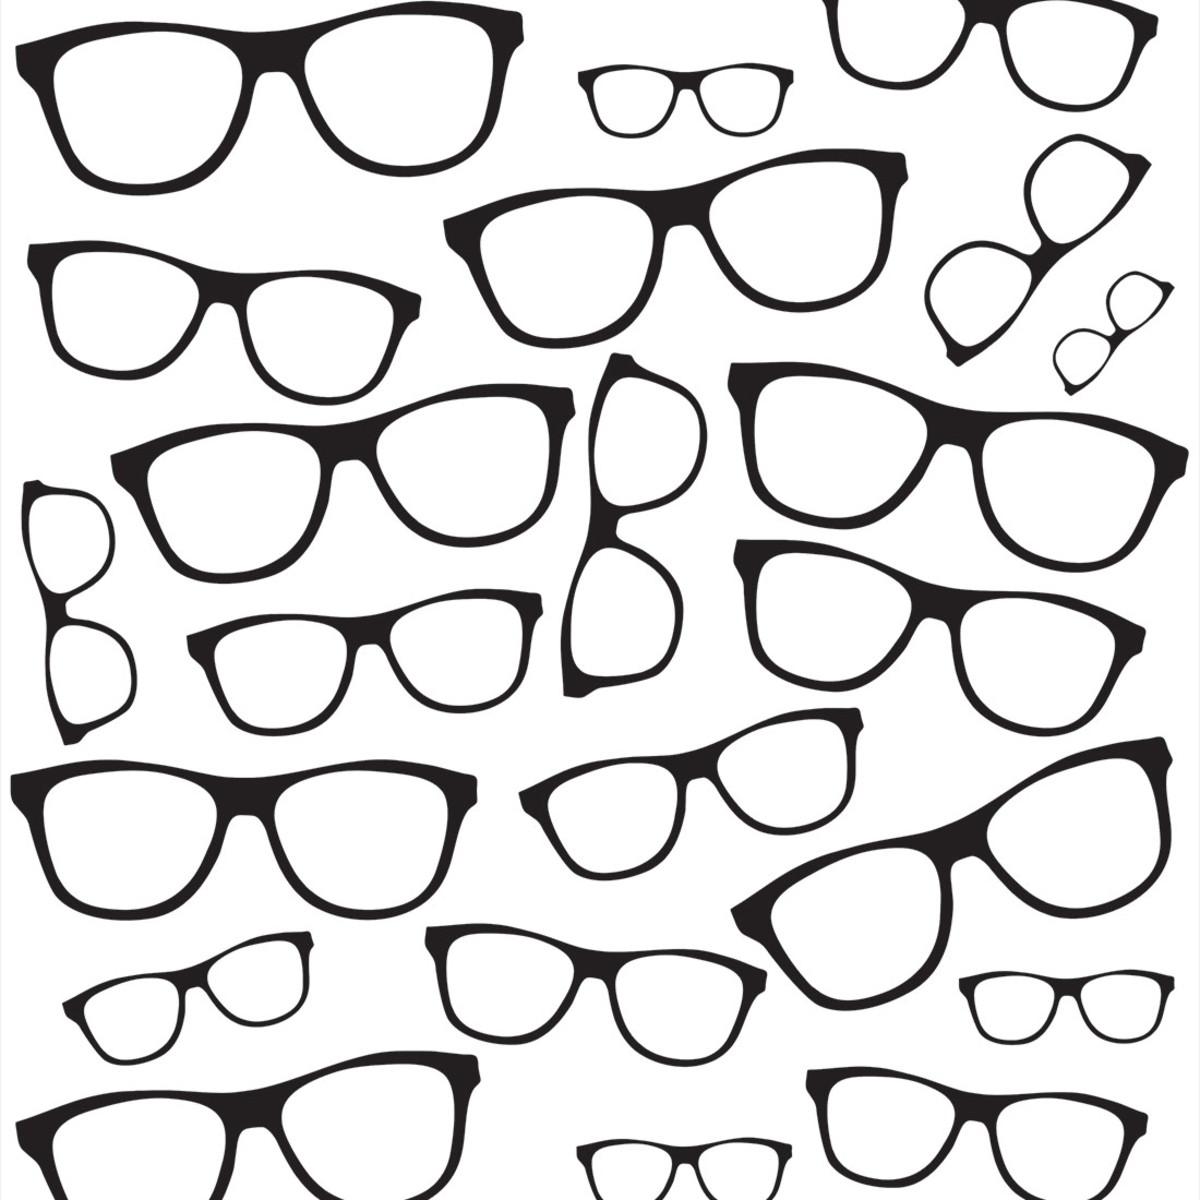 aacd80abd Papel de Parede Óculos Pretos Sobre Branco Vinil no Elo7 | B.SHOP ...